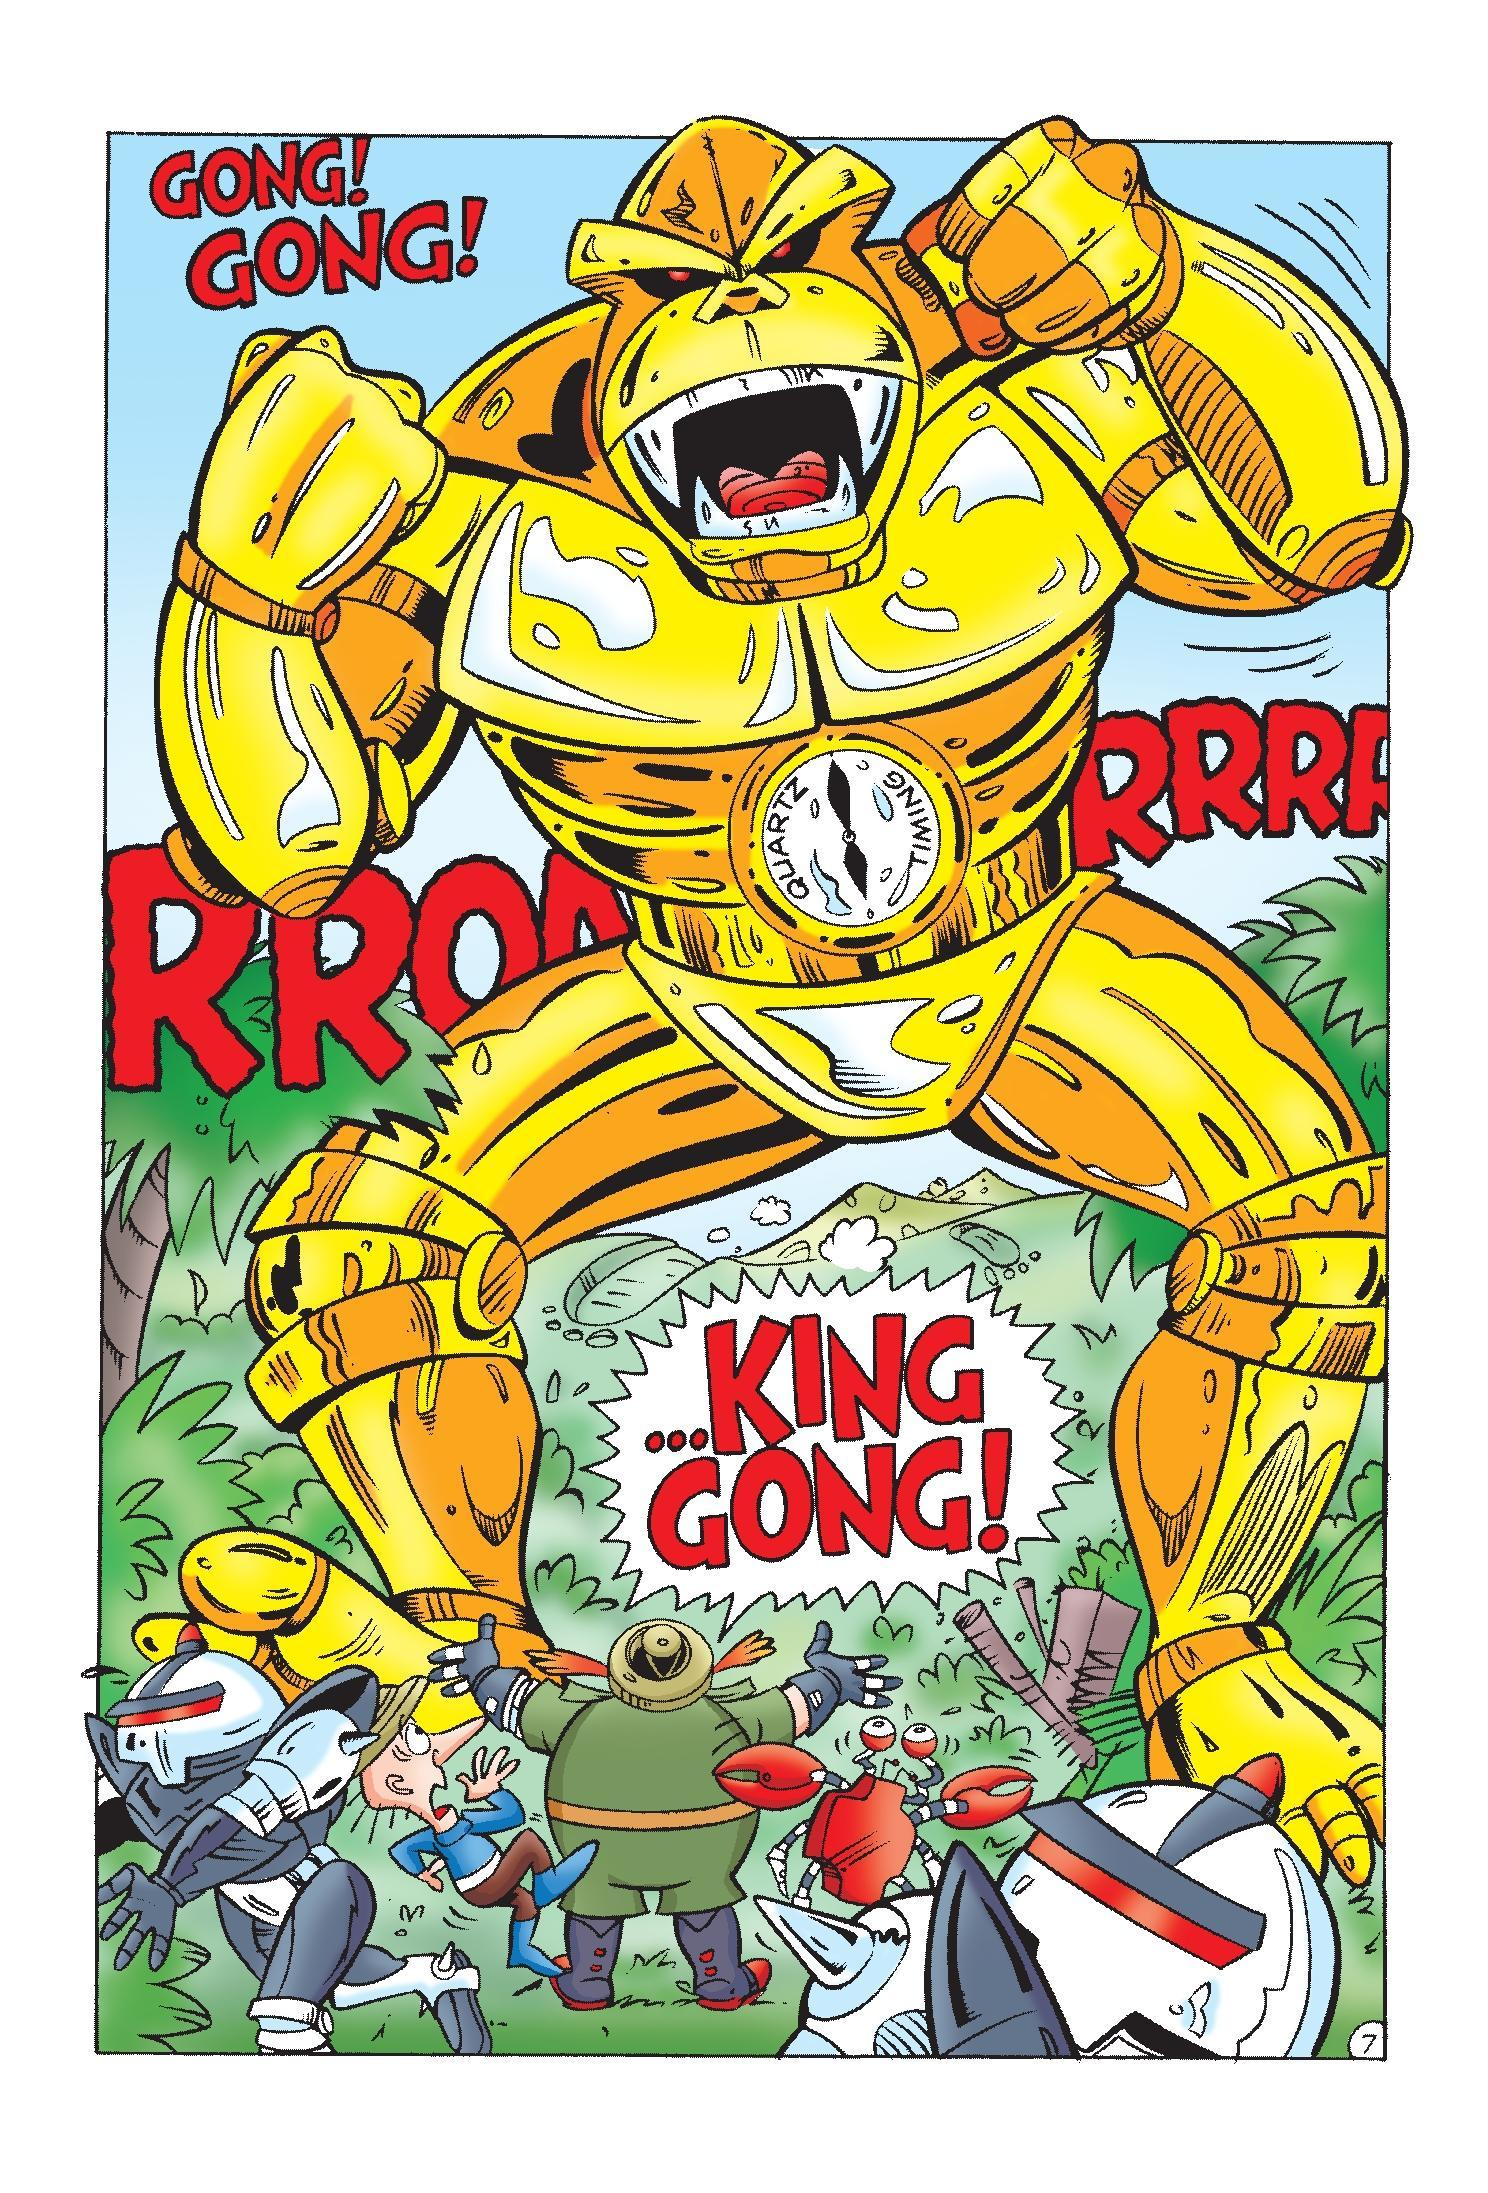 King Gong